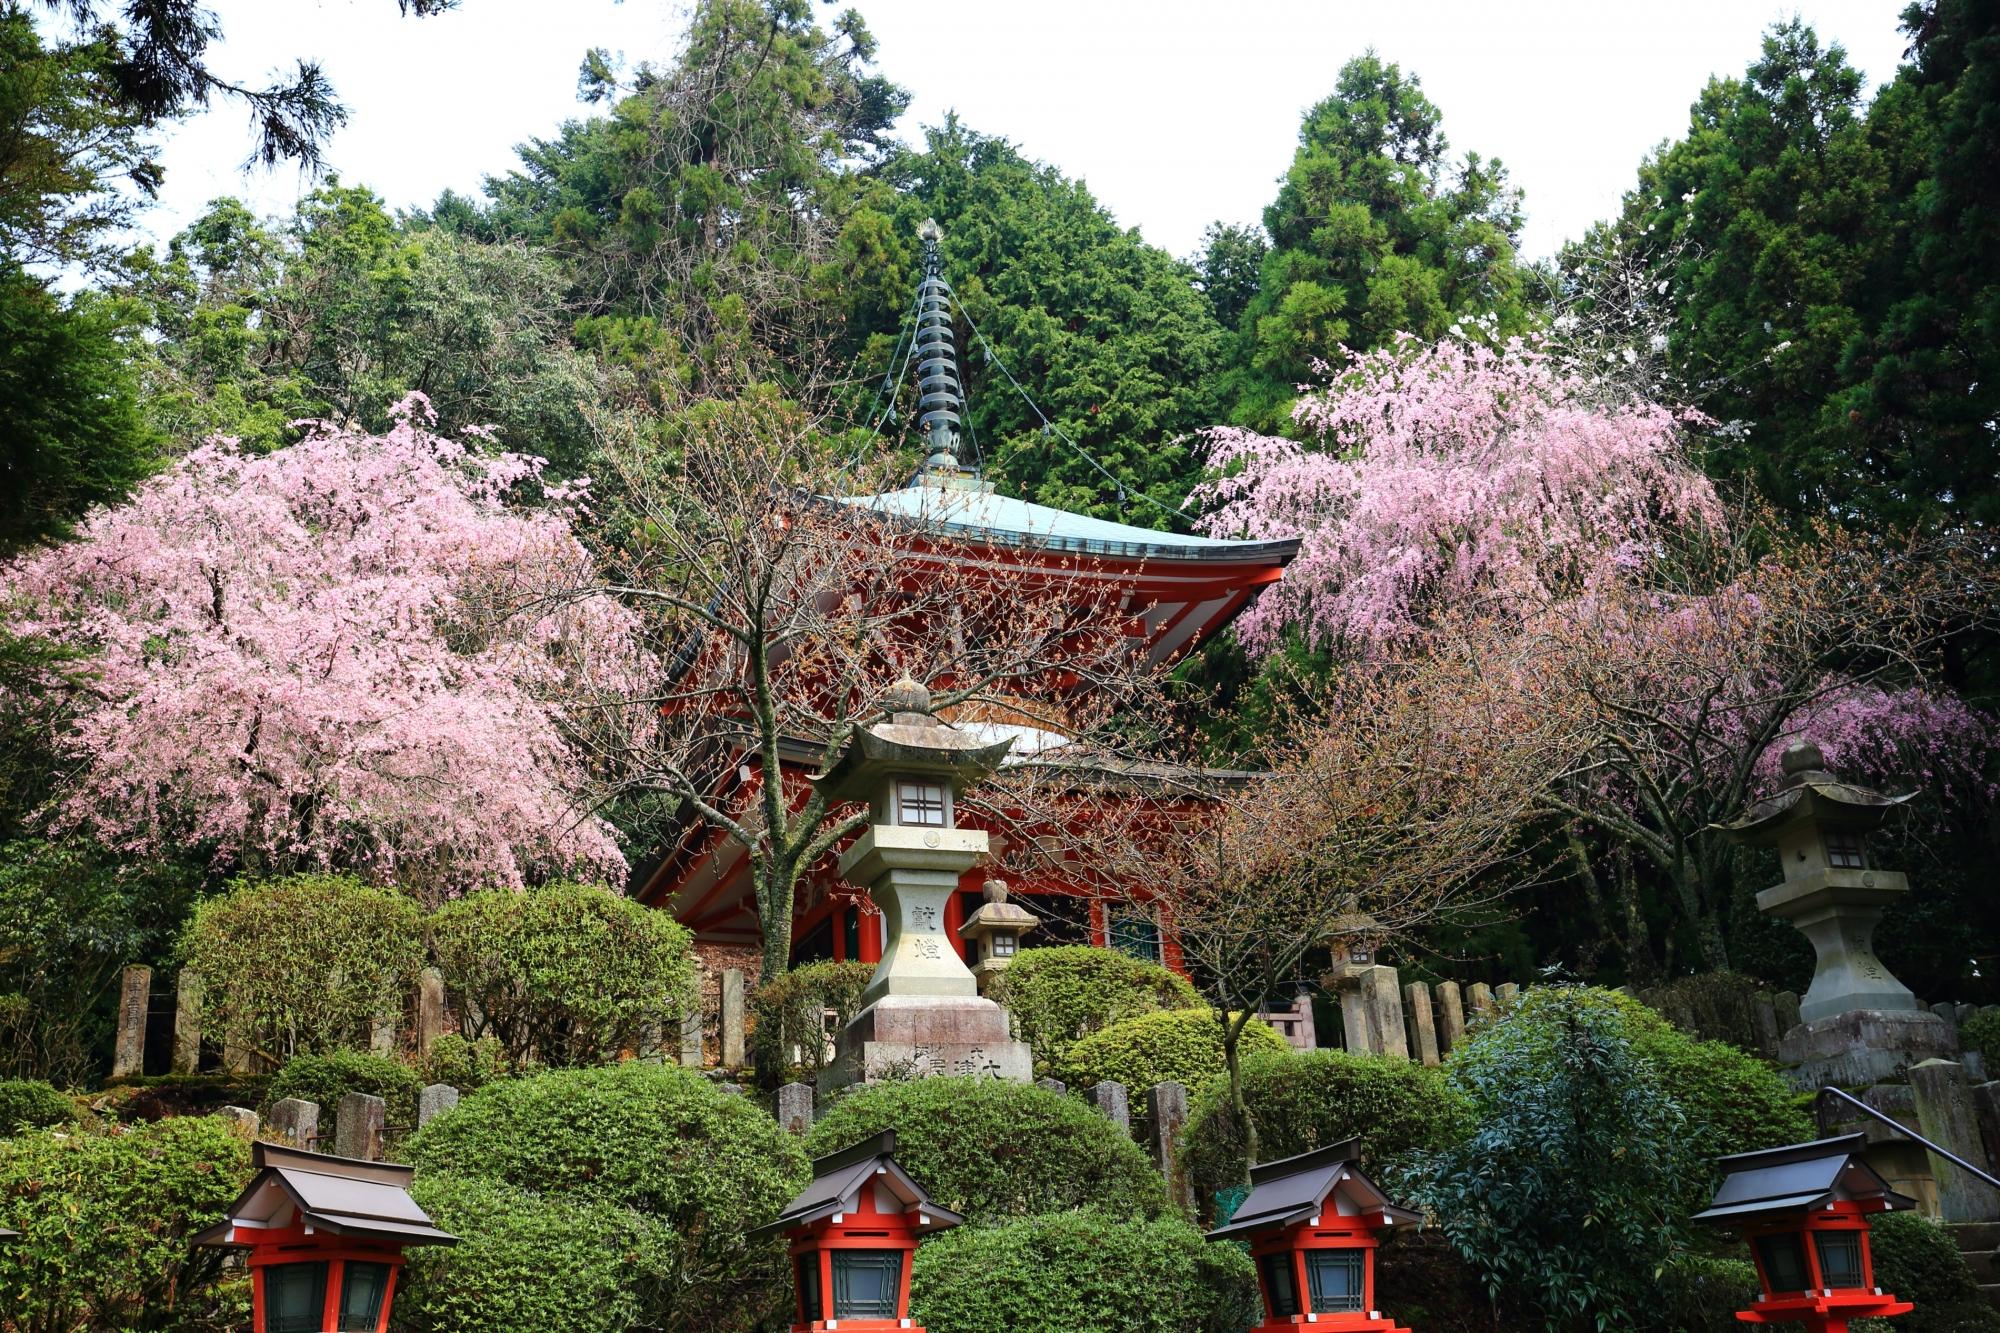 鞍馬寺の多宝塔としだれ桜